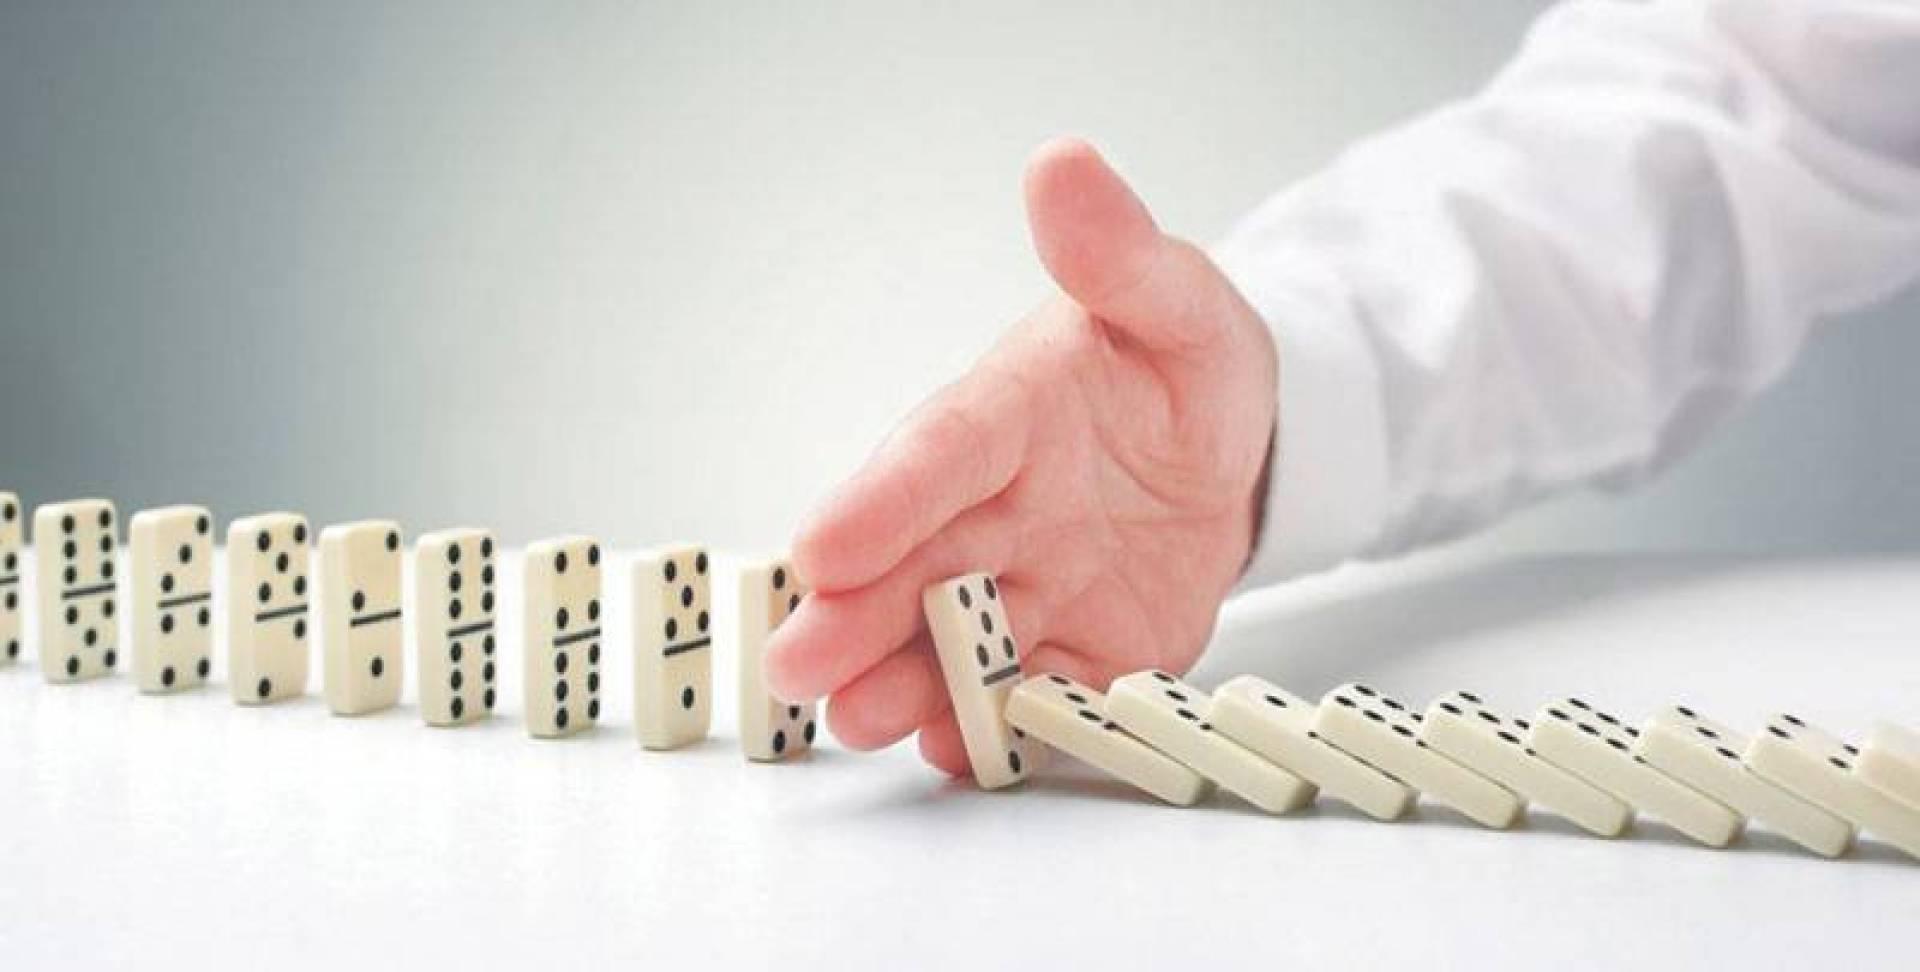 إدارة المخاطر التشغيلية تسهم في نجاح الشركات